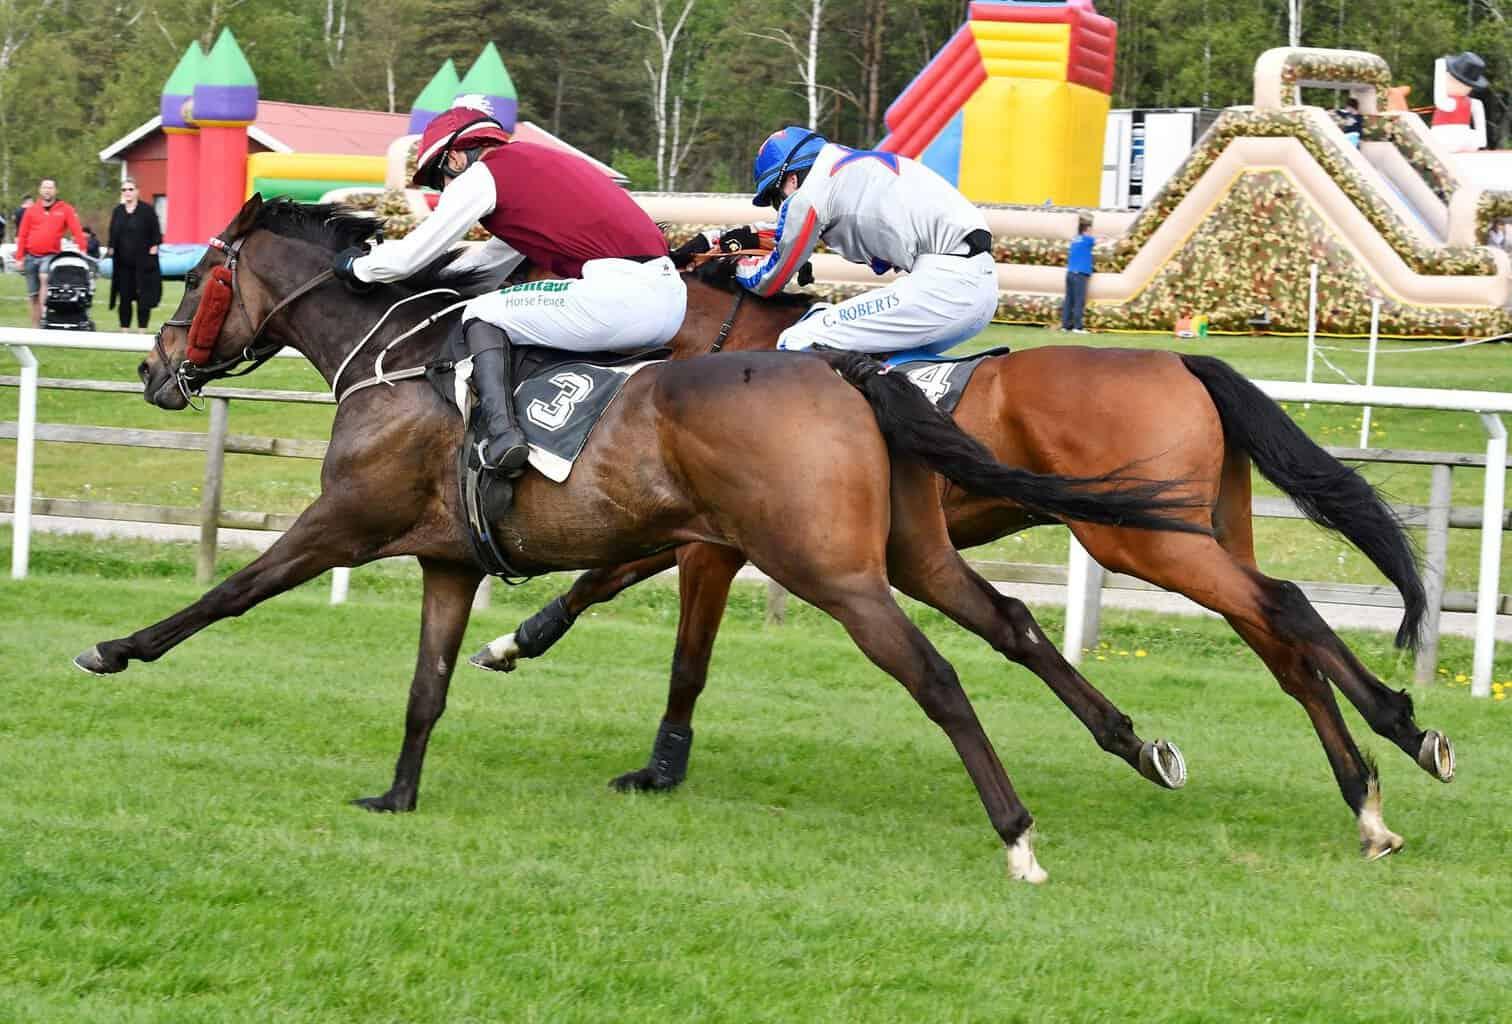 Lindenthaler og Calvados side om side på vej mod målstregen i H M Drottningens Pris. Foto: Stefan Olsson / Svensk Galopp.